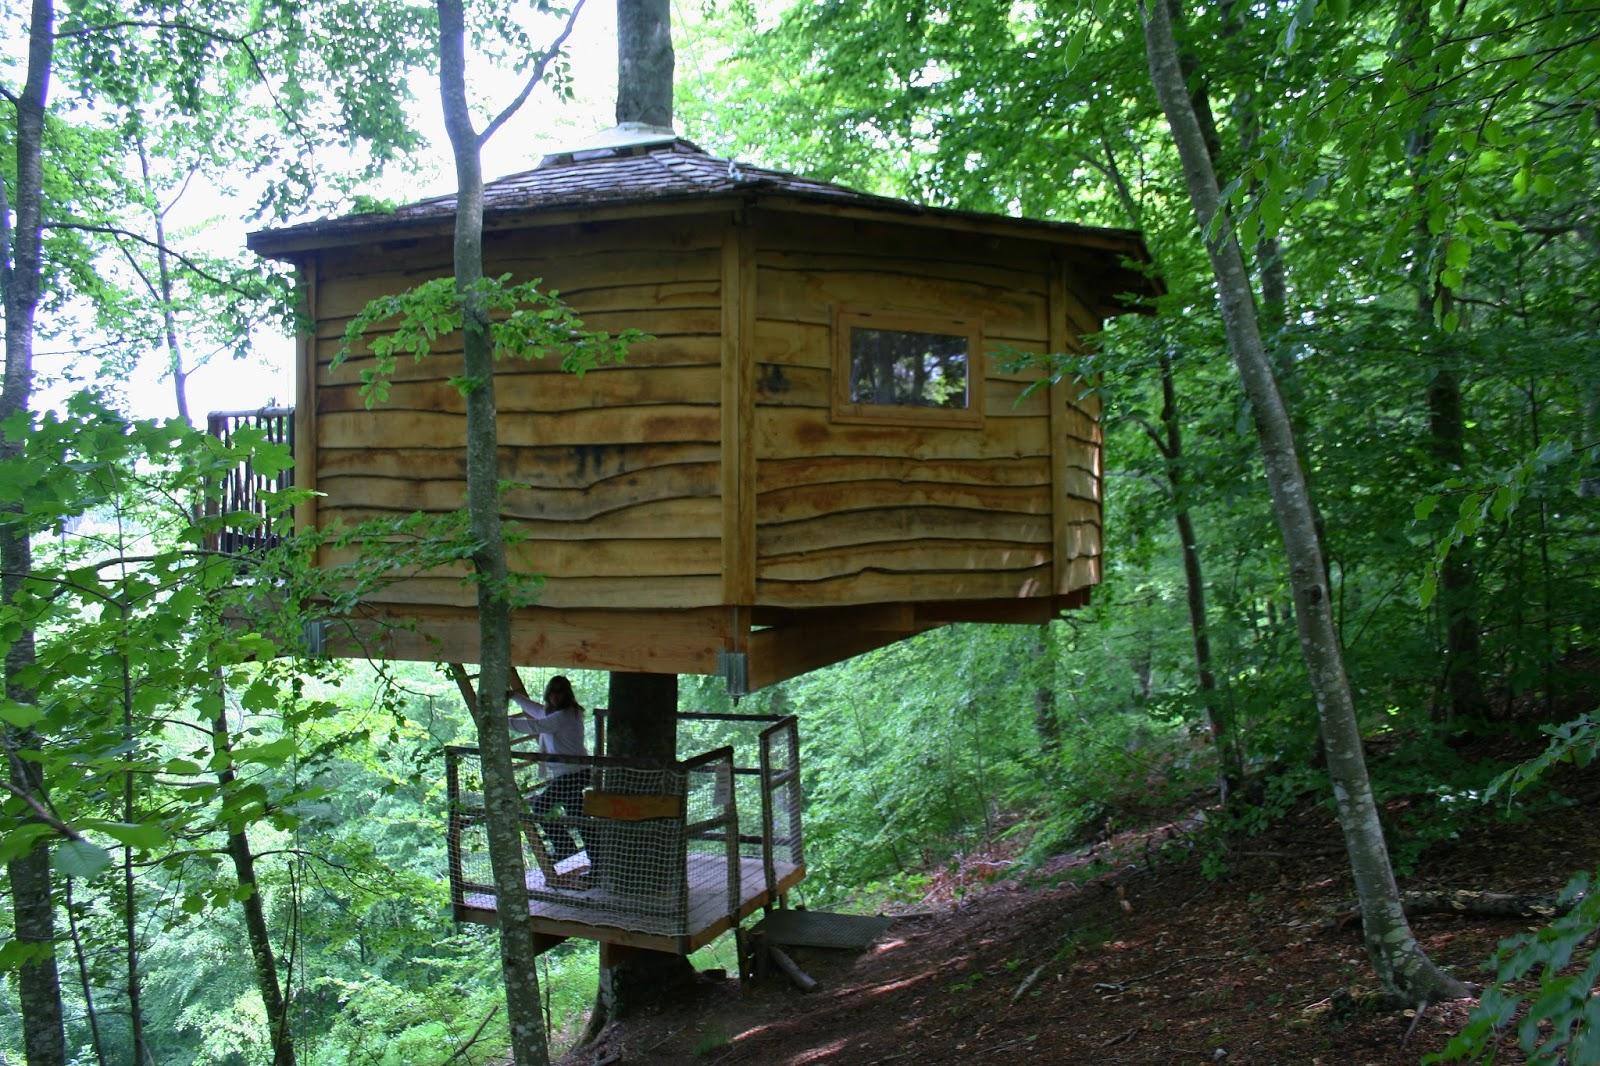 Cabanes els arbres dormir en una caba a en los rboles - Cabanas en los arboles ...